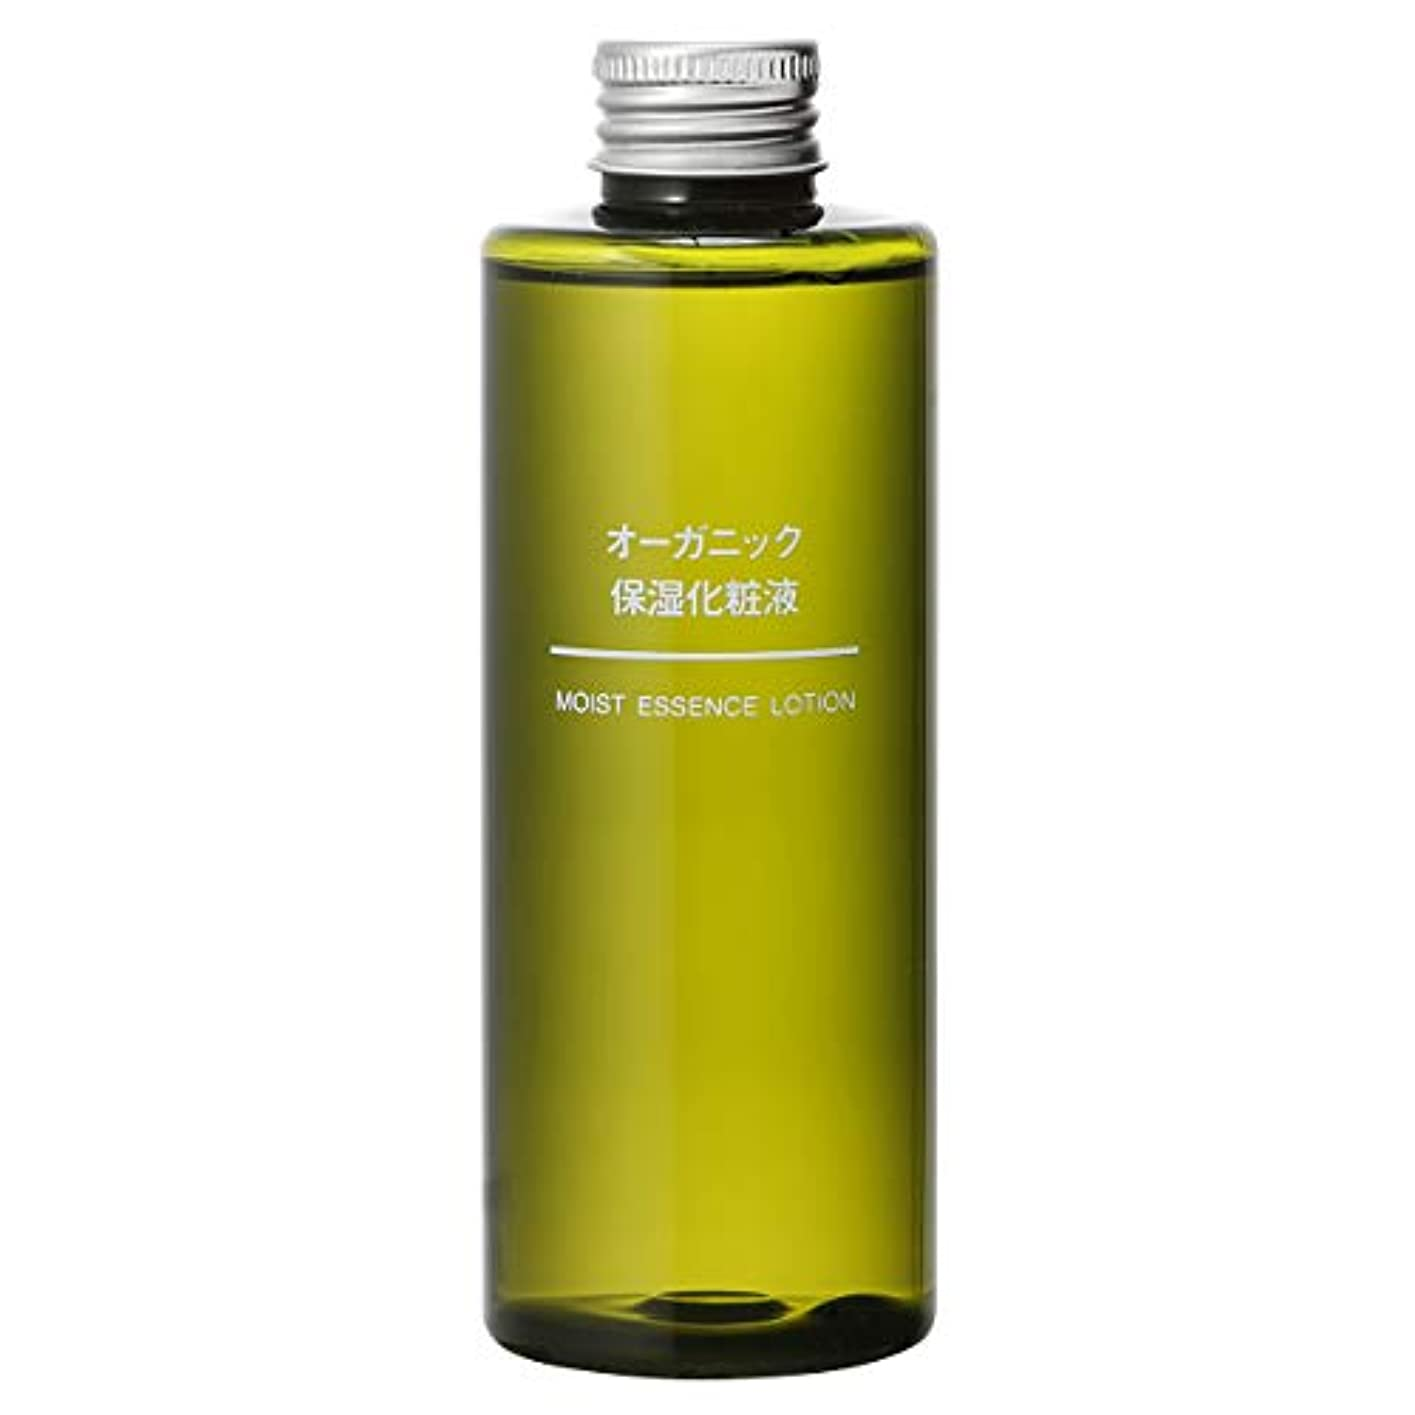 航空便奇跡的な冷ややかな無印良品 オーガニック保湿化粧液 200ml